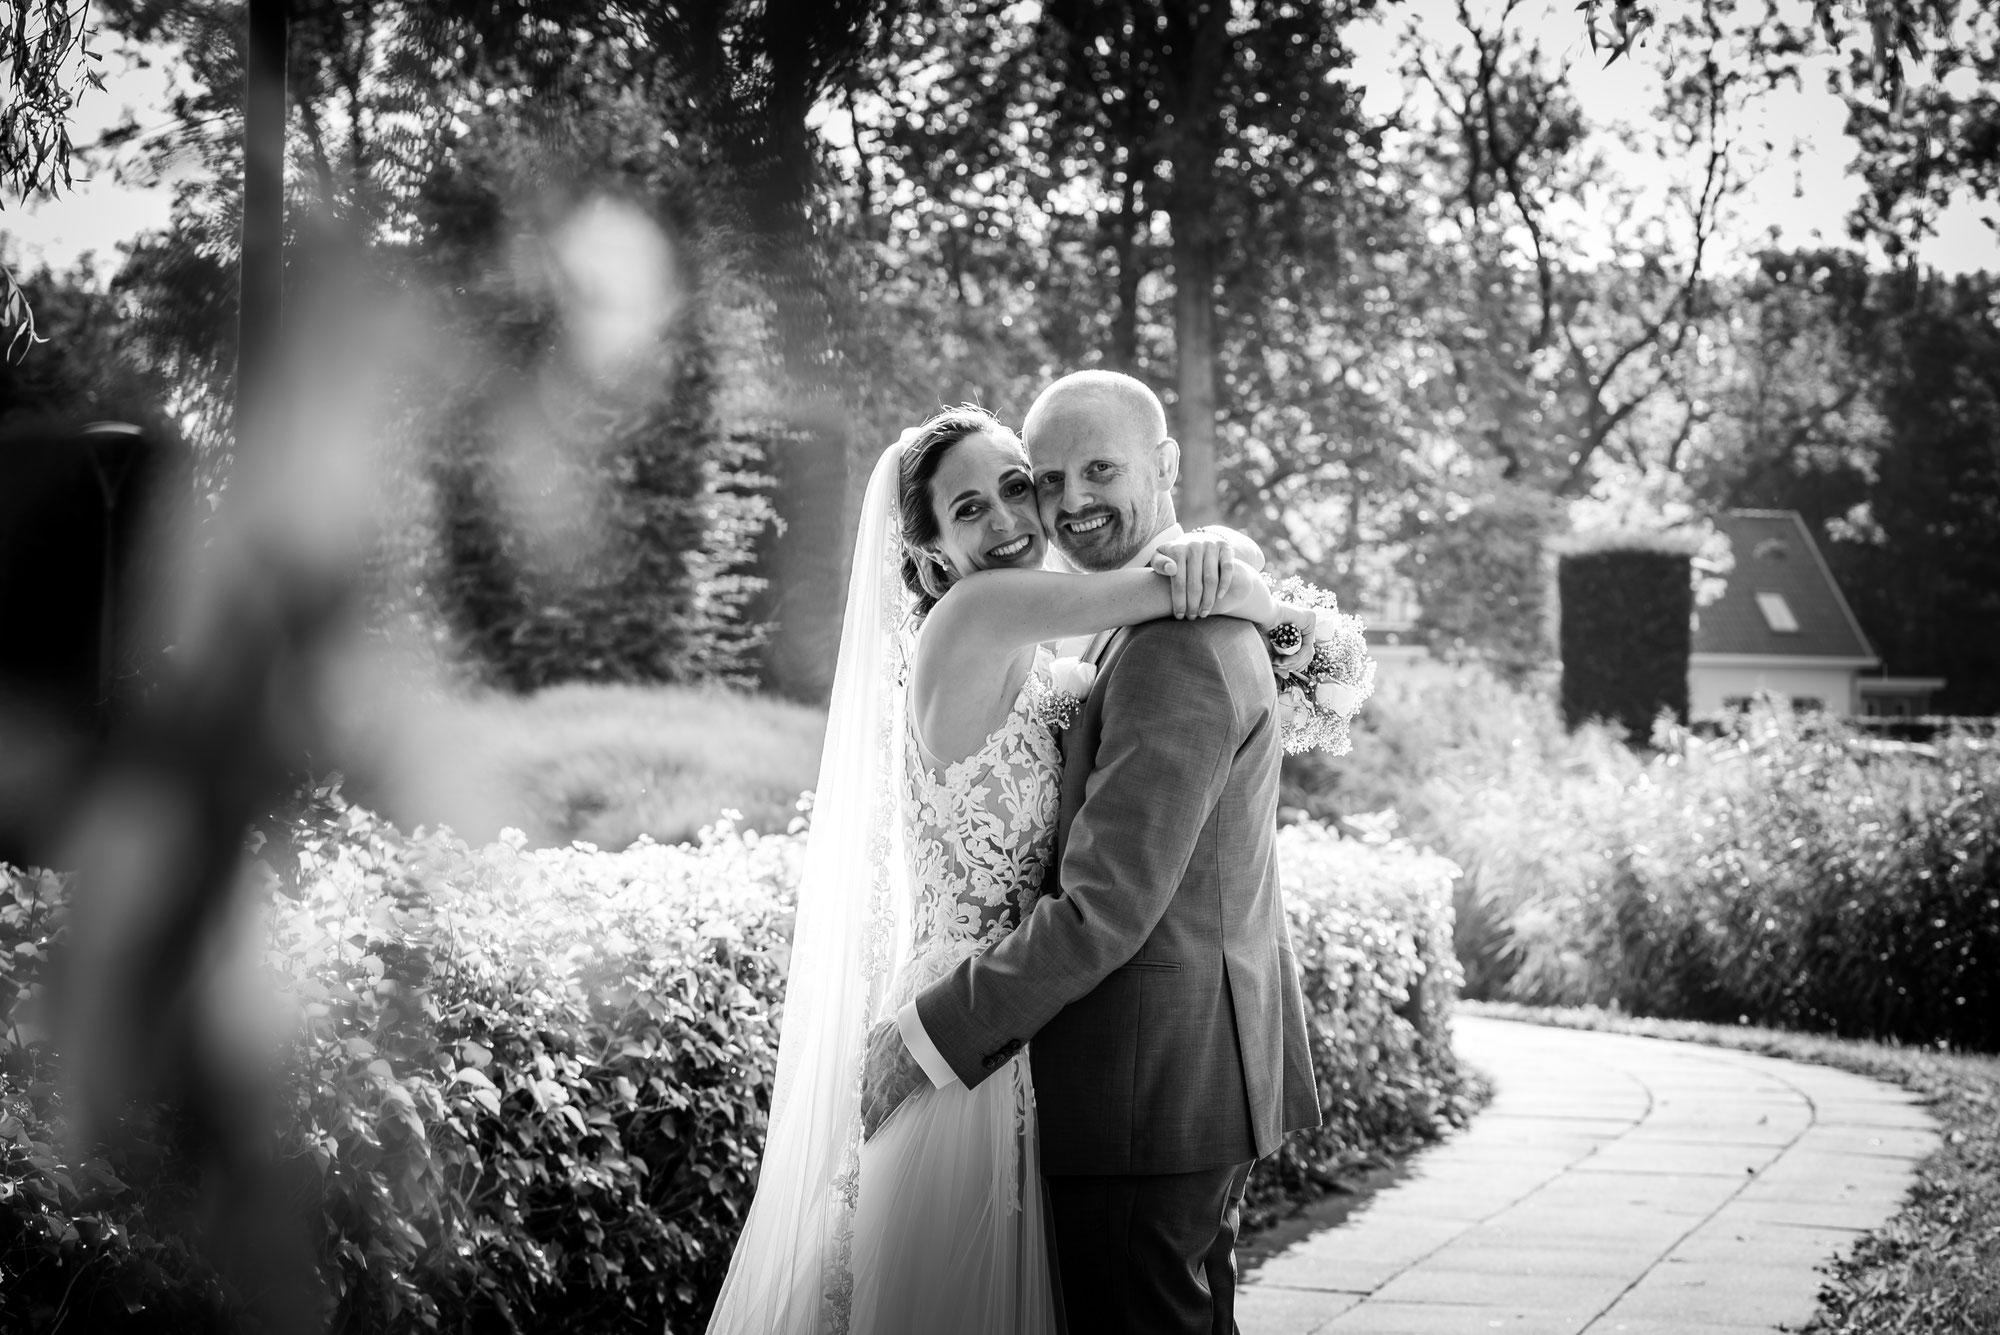 Corali Photography, huwelijksfotograaf in Zuidoostbeemster (Noord-Holland)